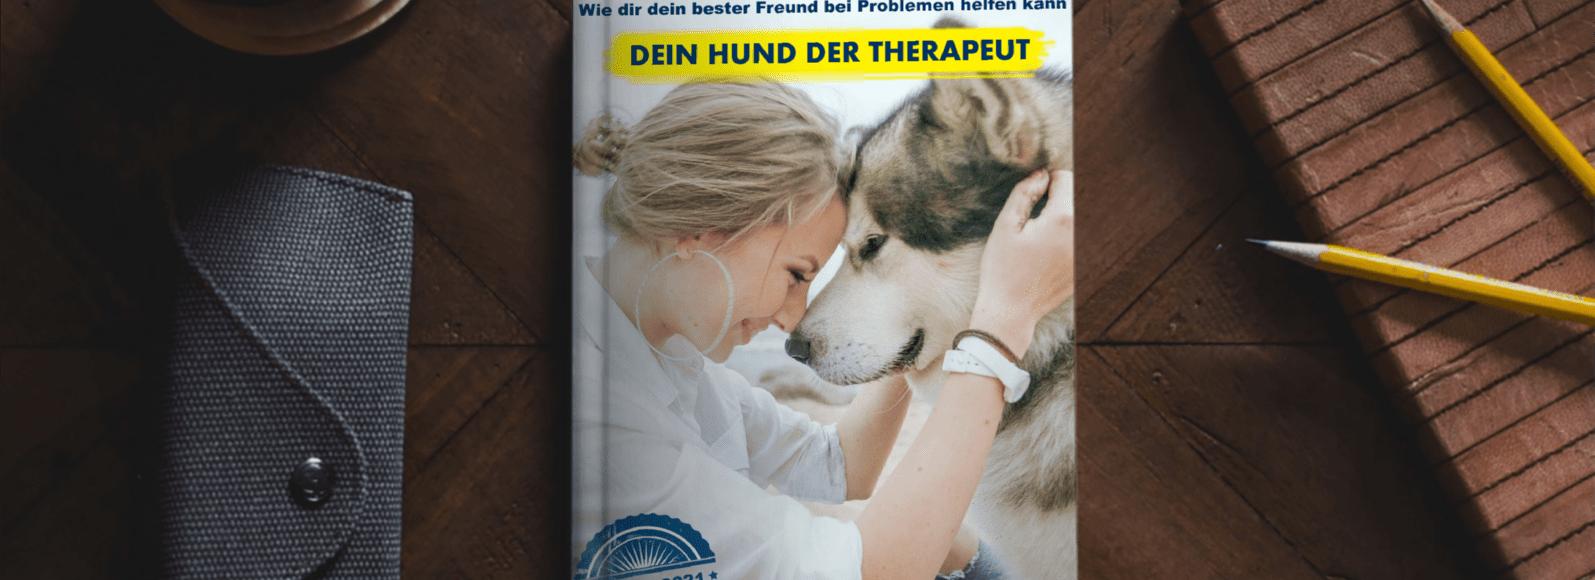 Ihr Hund wird zum echten Therapeuten. Sie wissen es nur noch gar nicht.